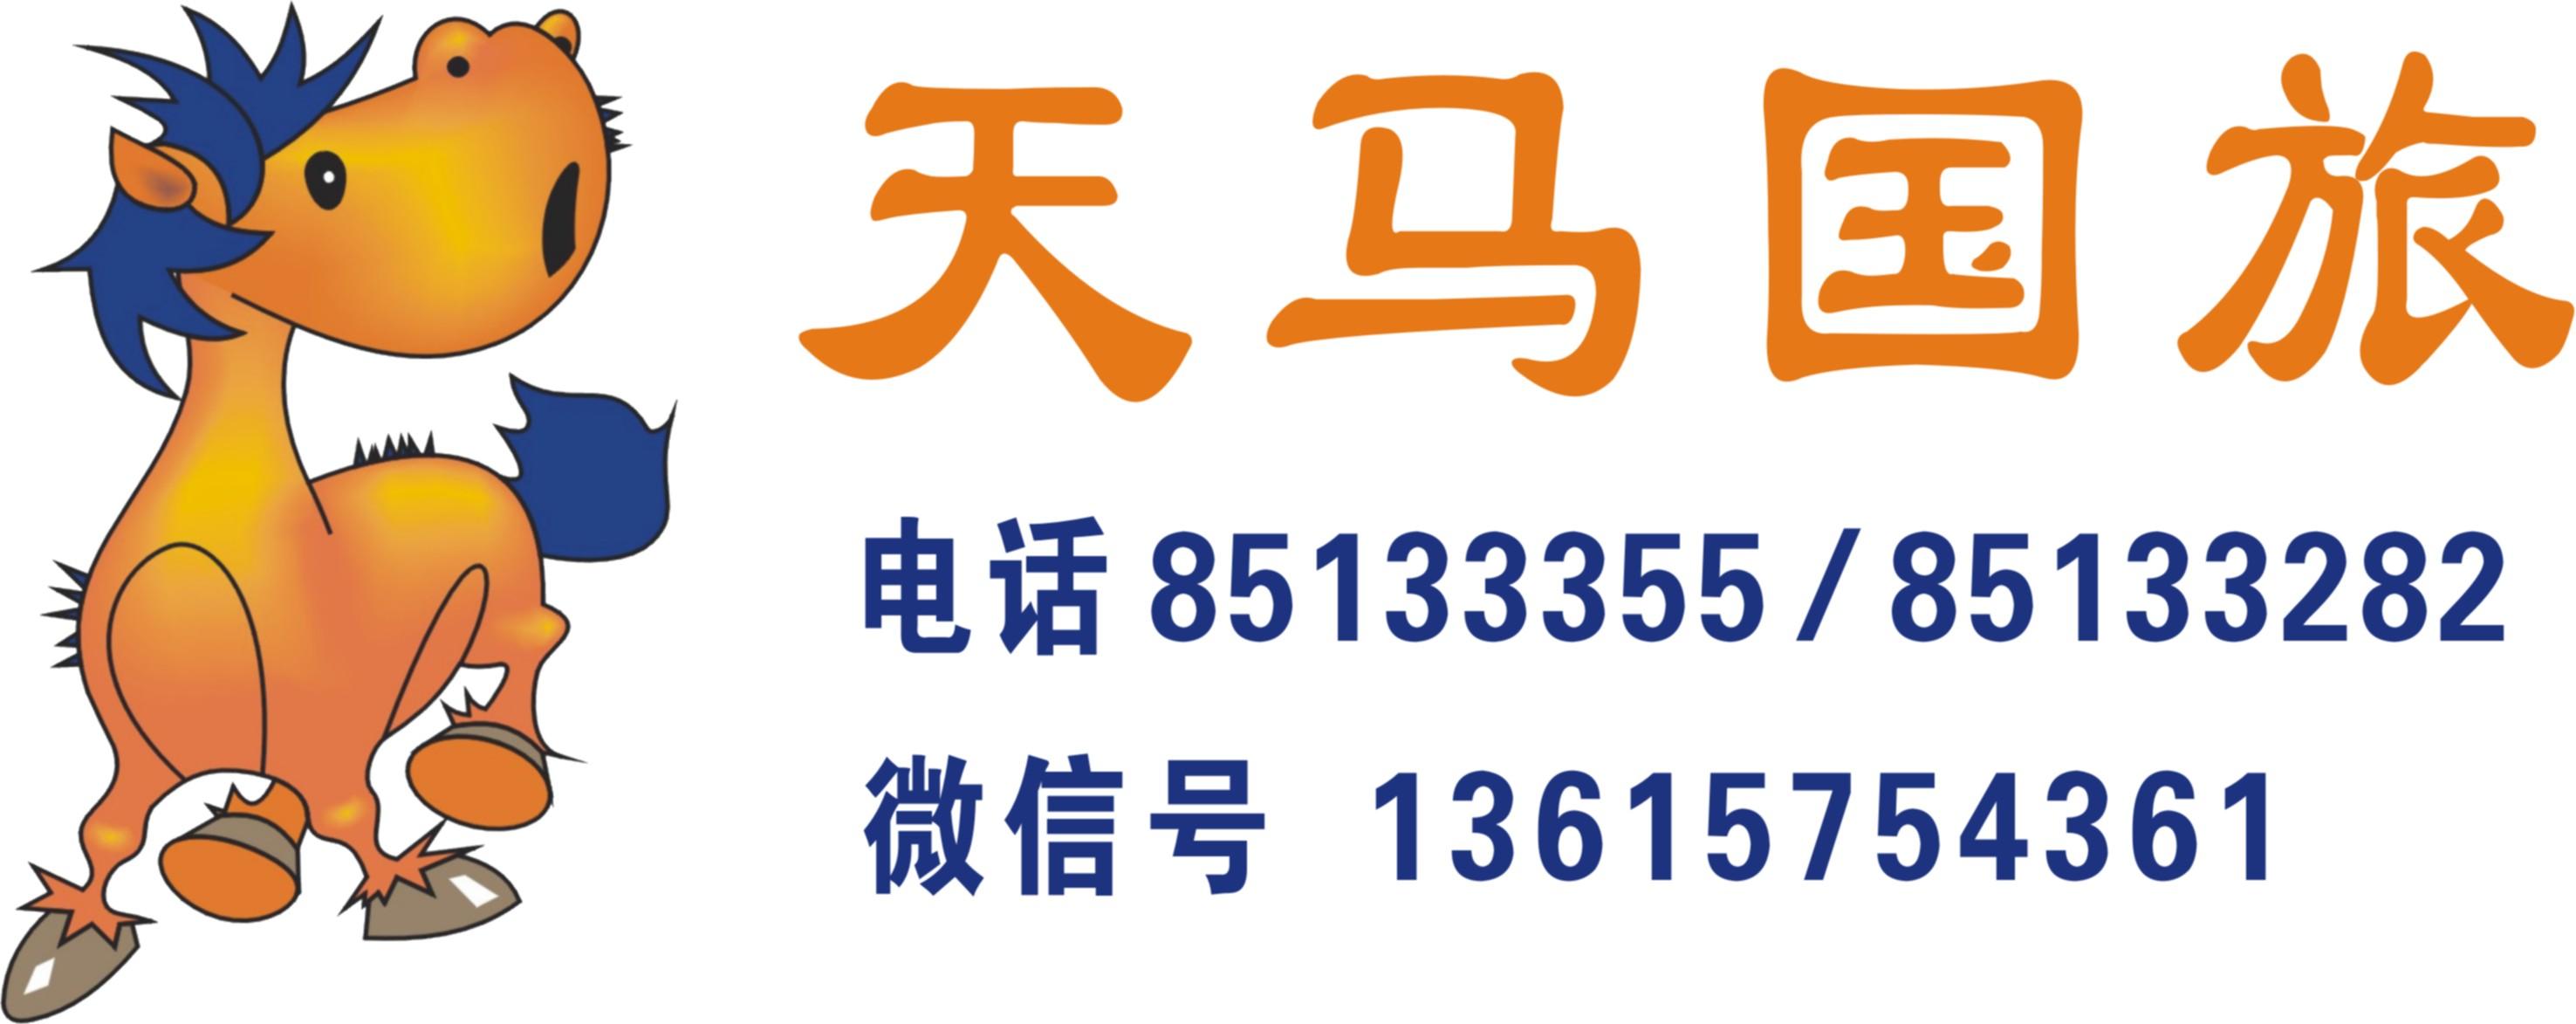 春节【桐庐瑶琳仙境、千岛秘境、千岛湖中心湖区二日】经济型酒店